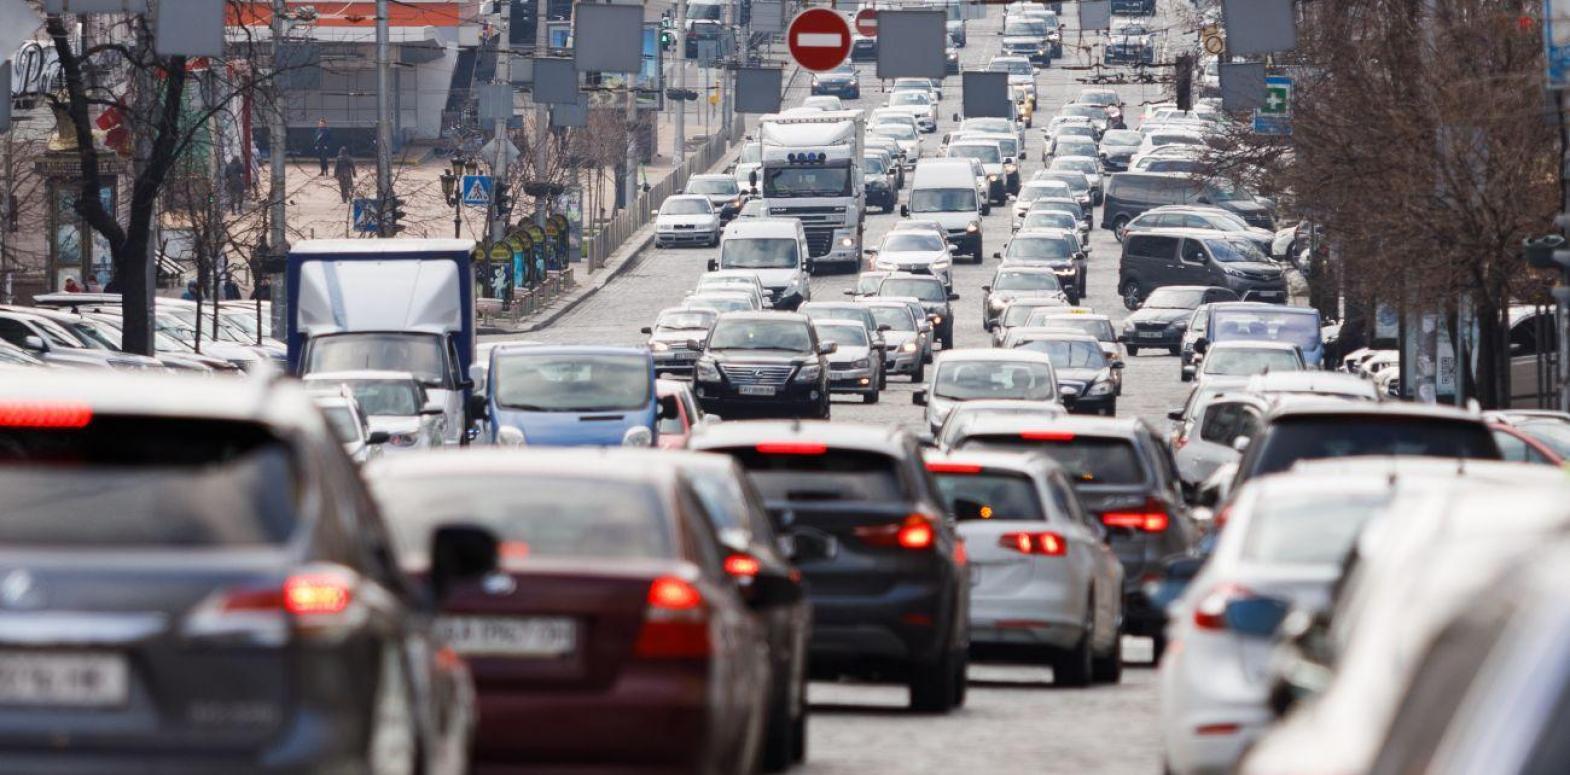 Цены на бензин стабильны, автогаз дорожает